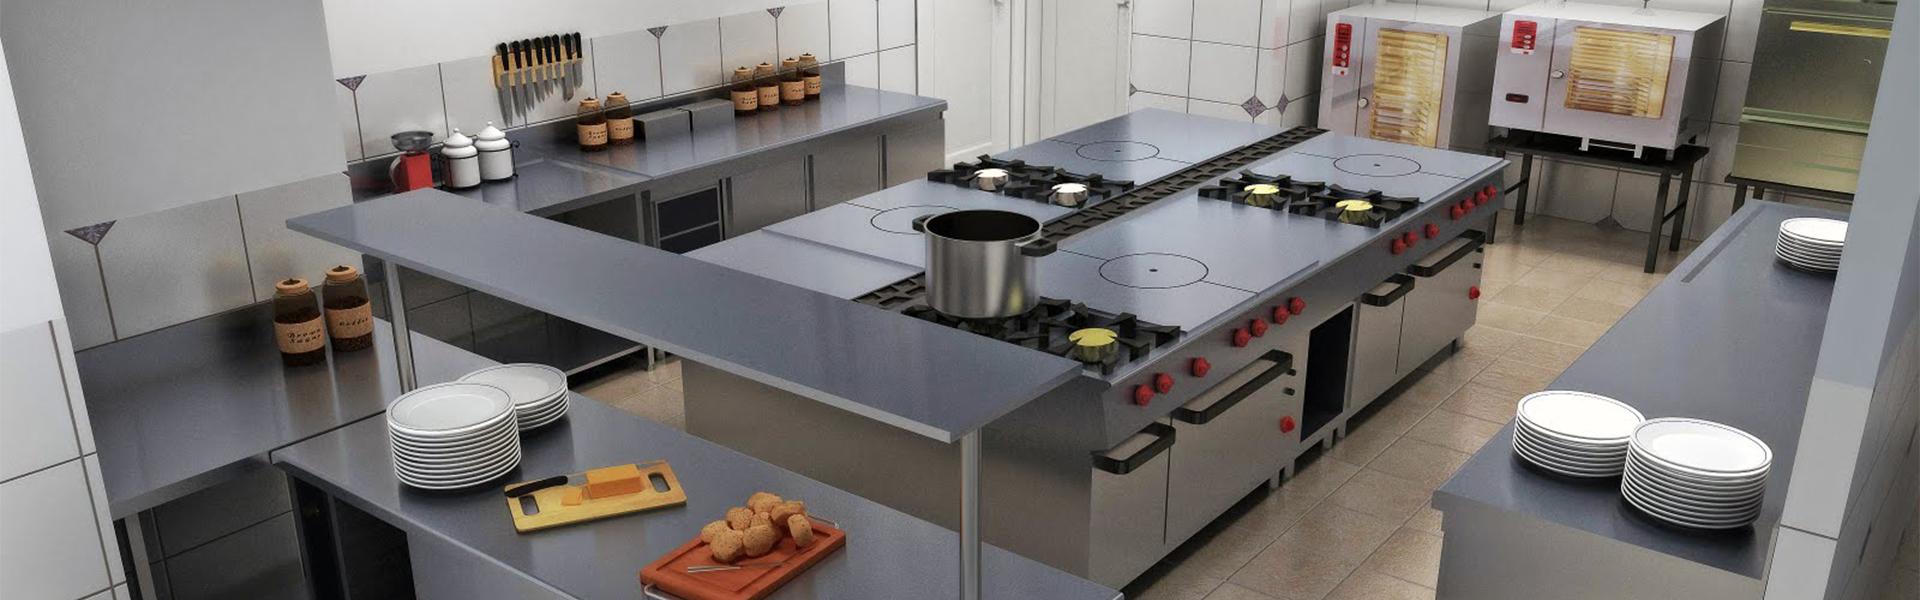 Equipo menor de cocina